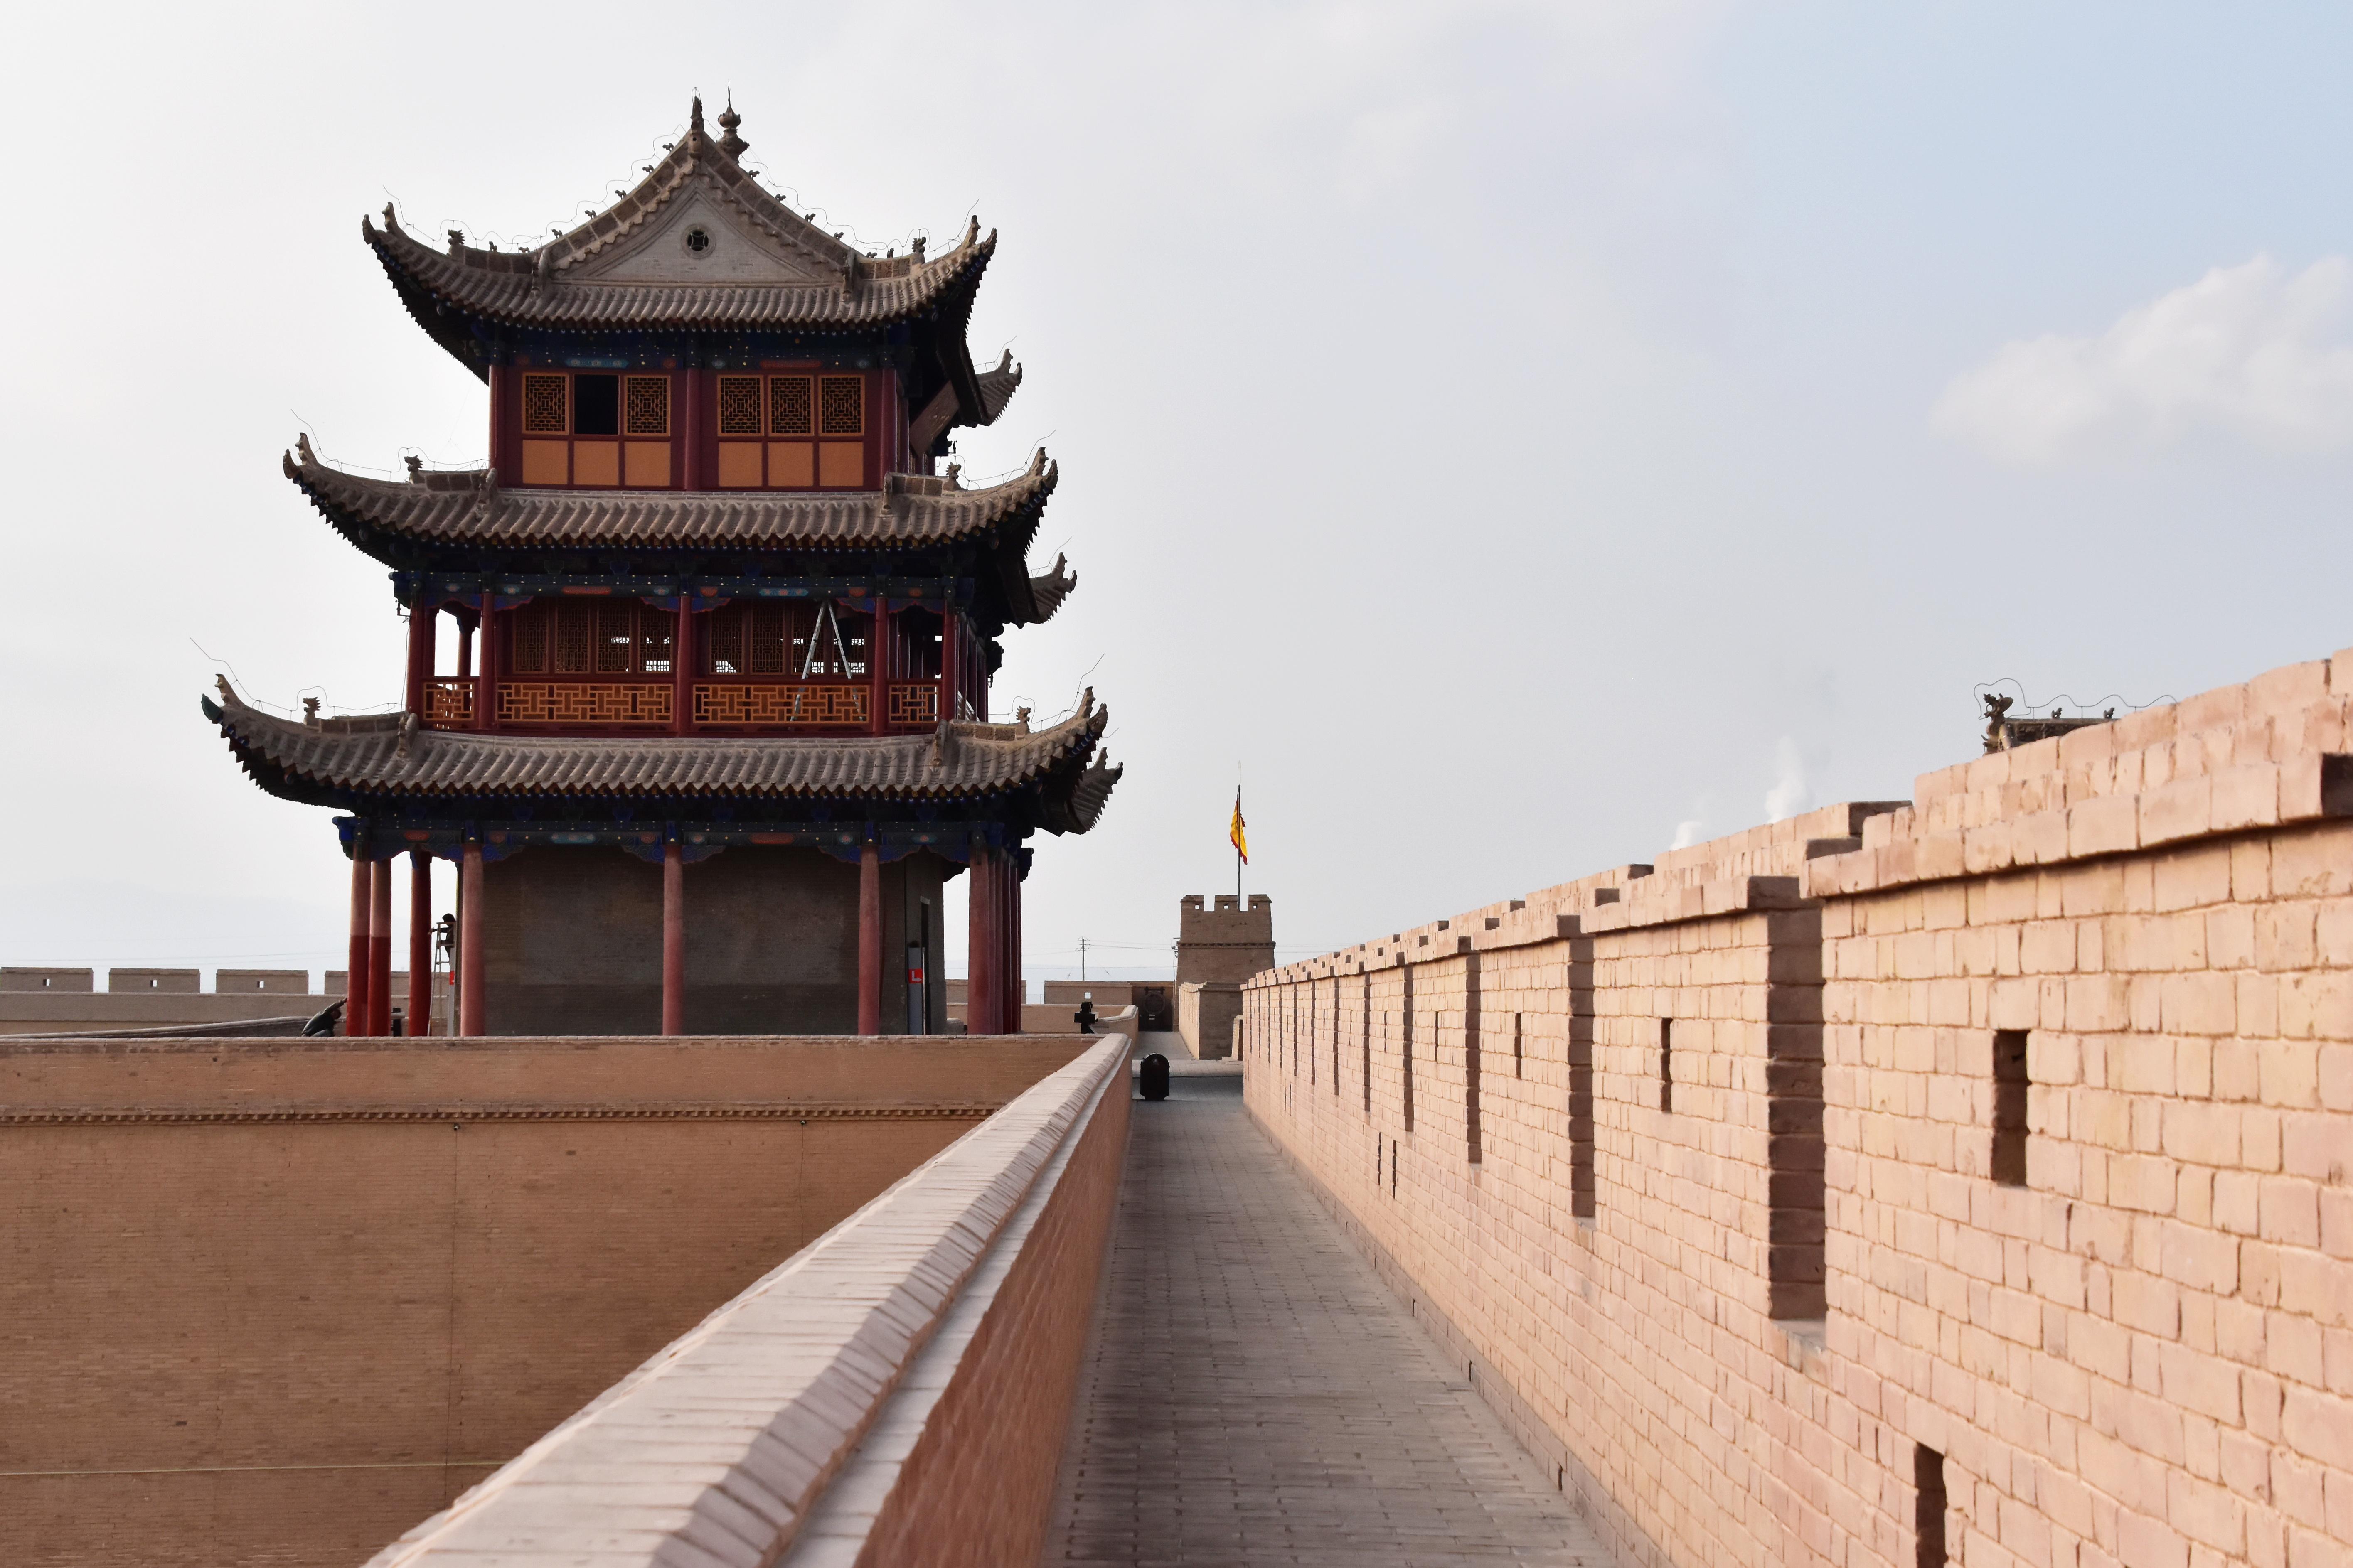 026 - מצודת ג'יא יו  2